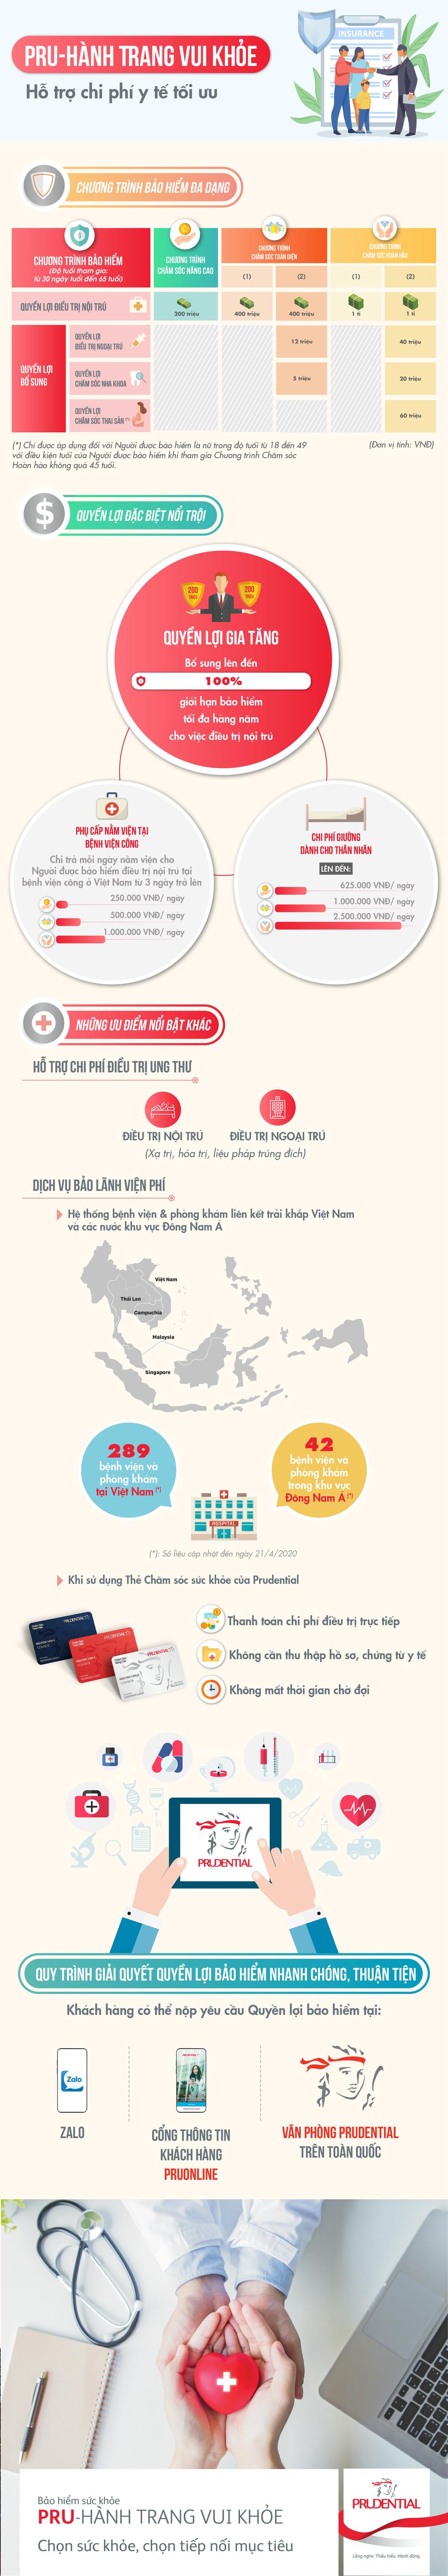 PRU-Hành Trang Vui Khỏe hỗ trợ chi phí y tế tối ưu - Ảnh 1.